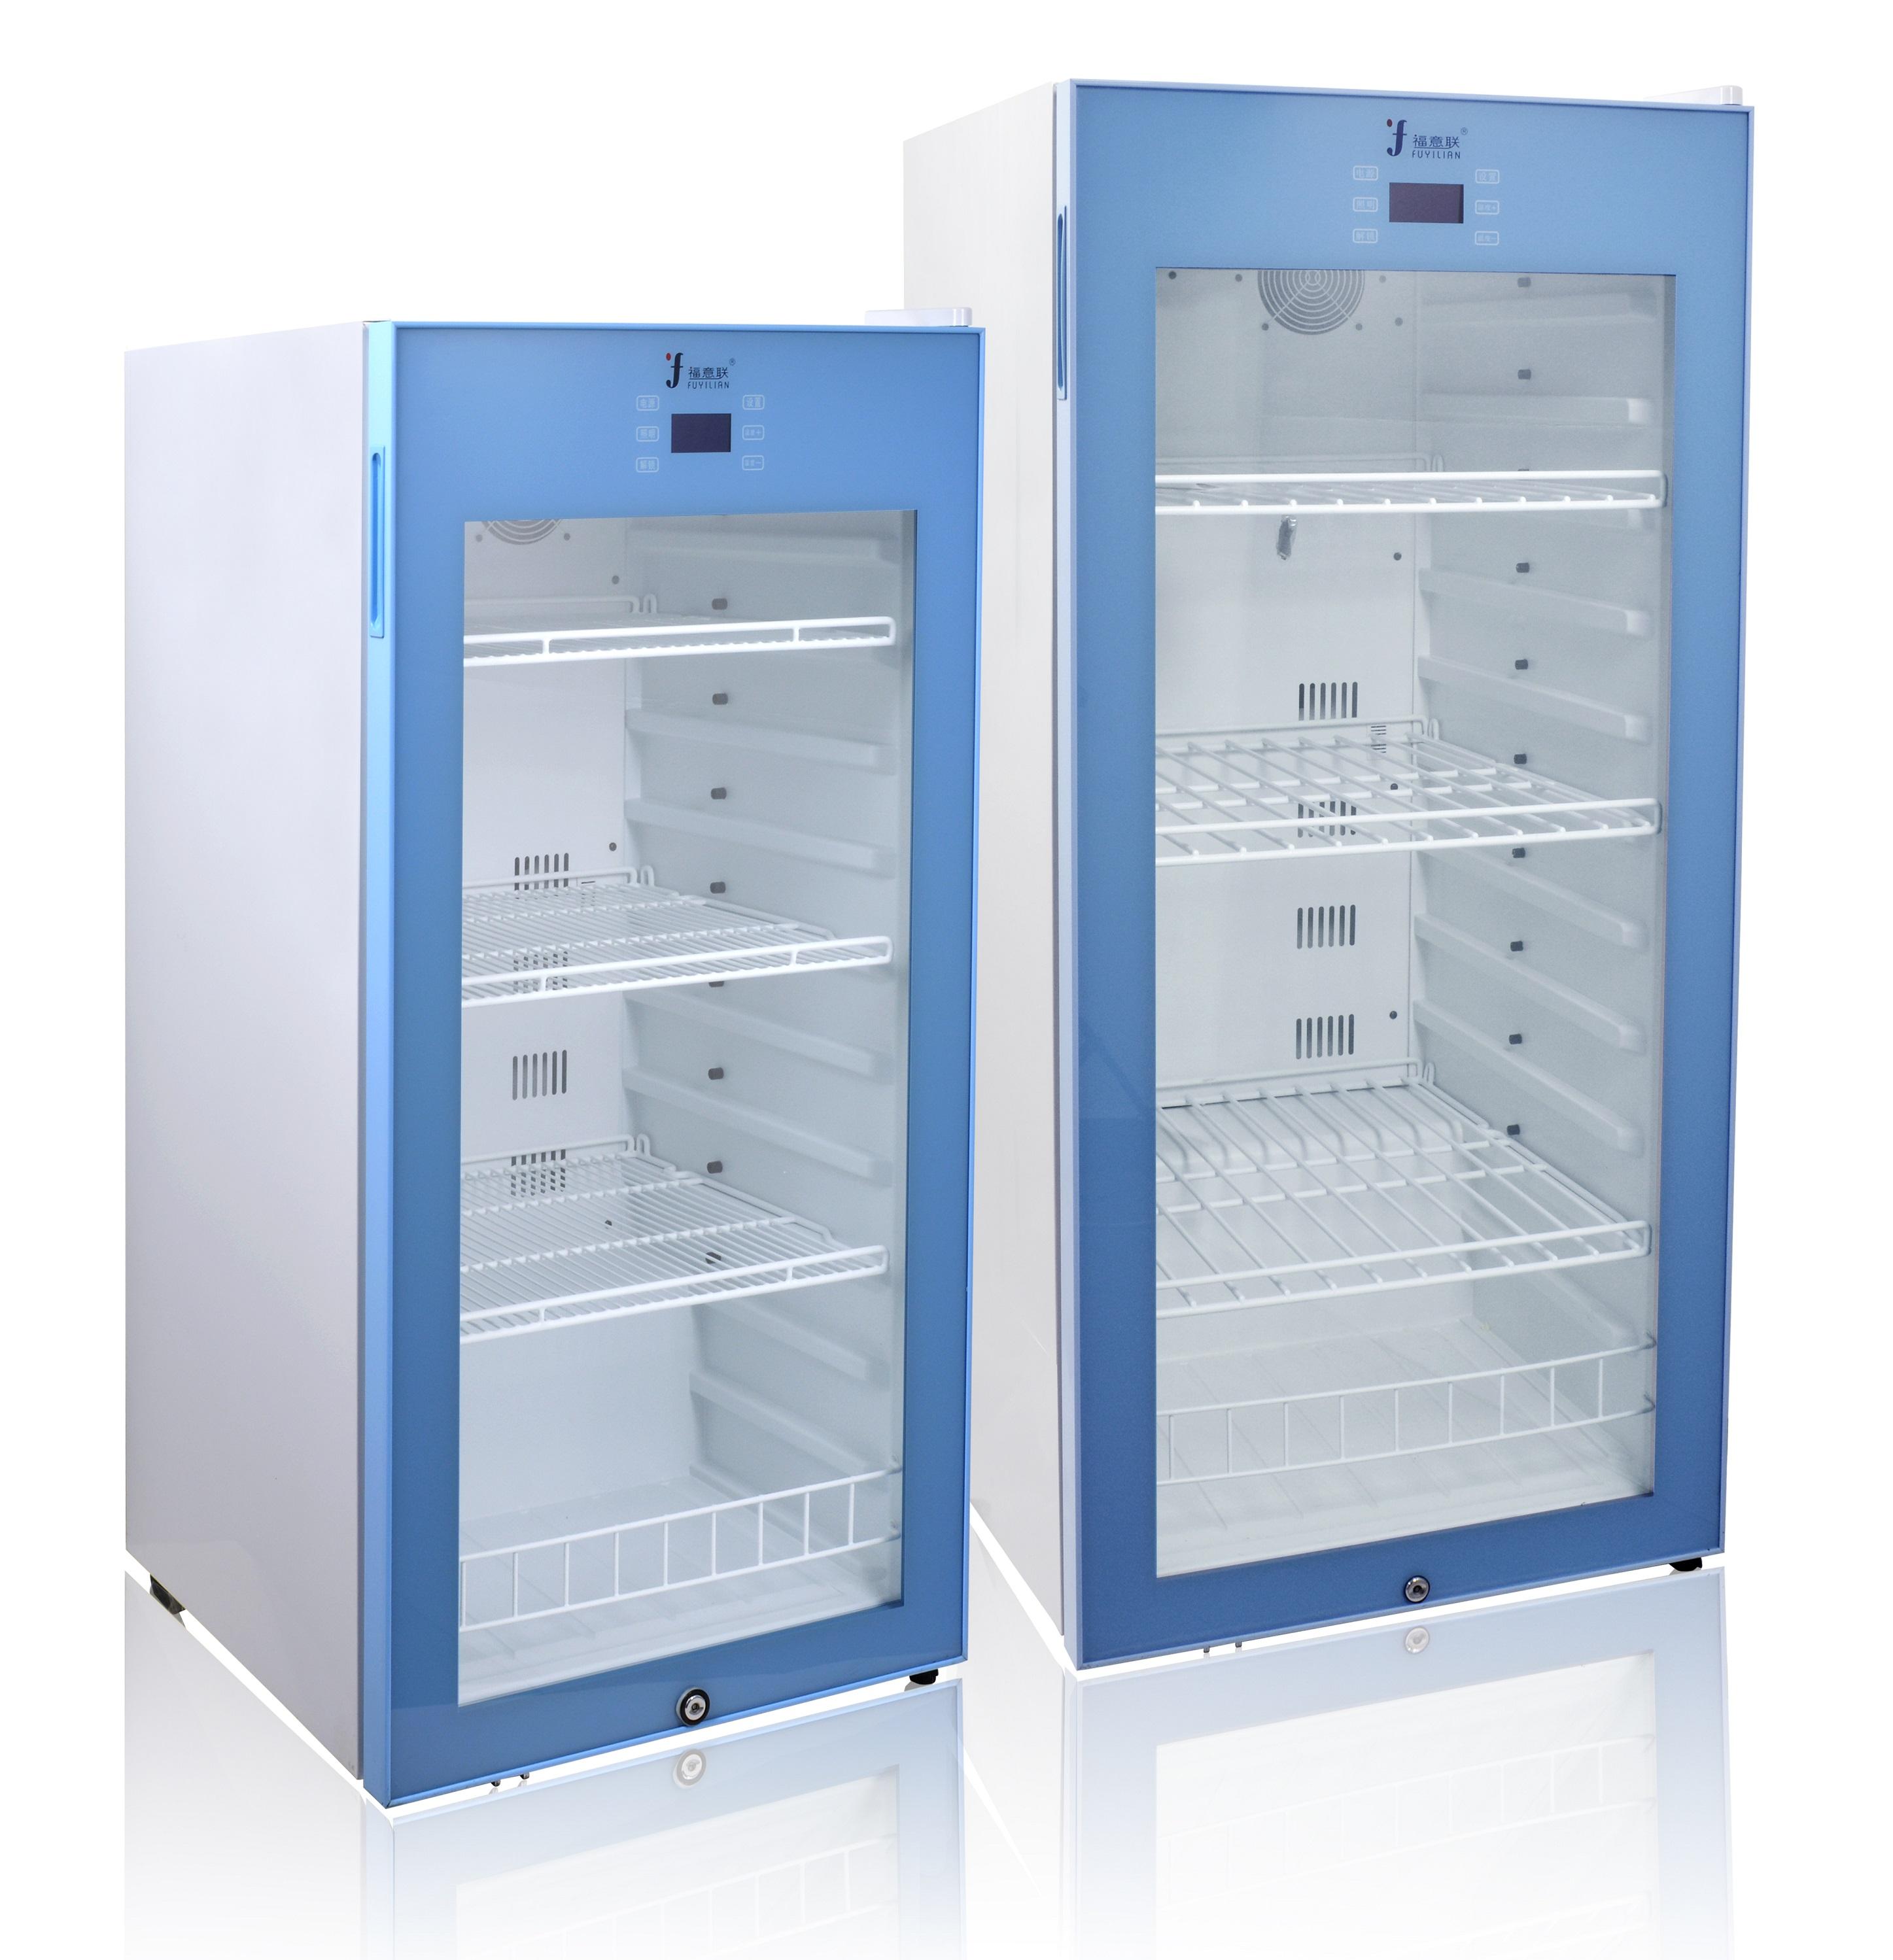 醫用冰箱(冷藏冷凍冰箱)